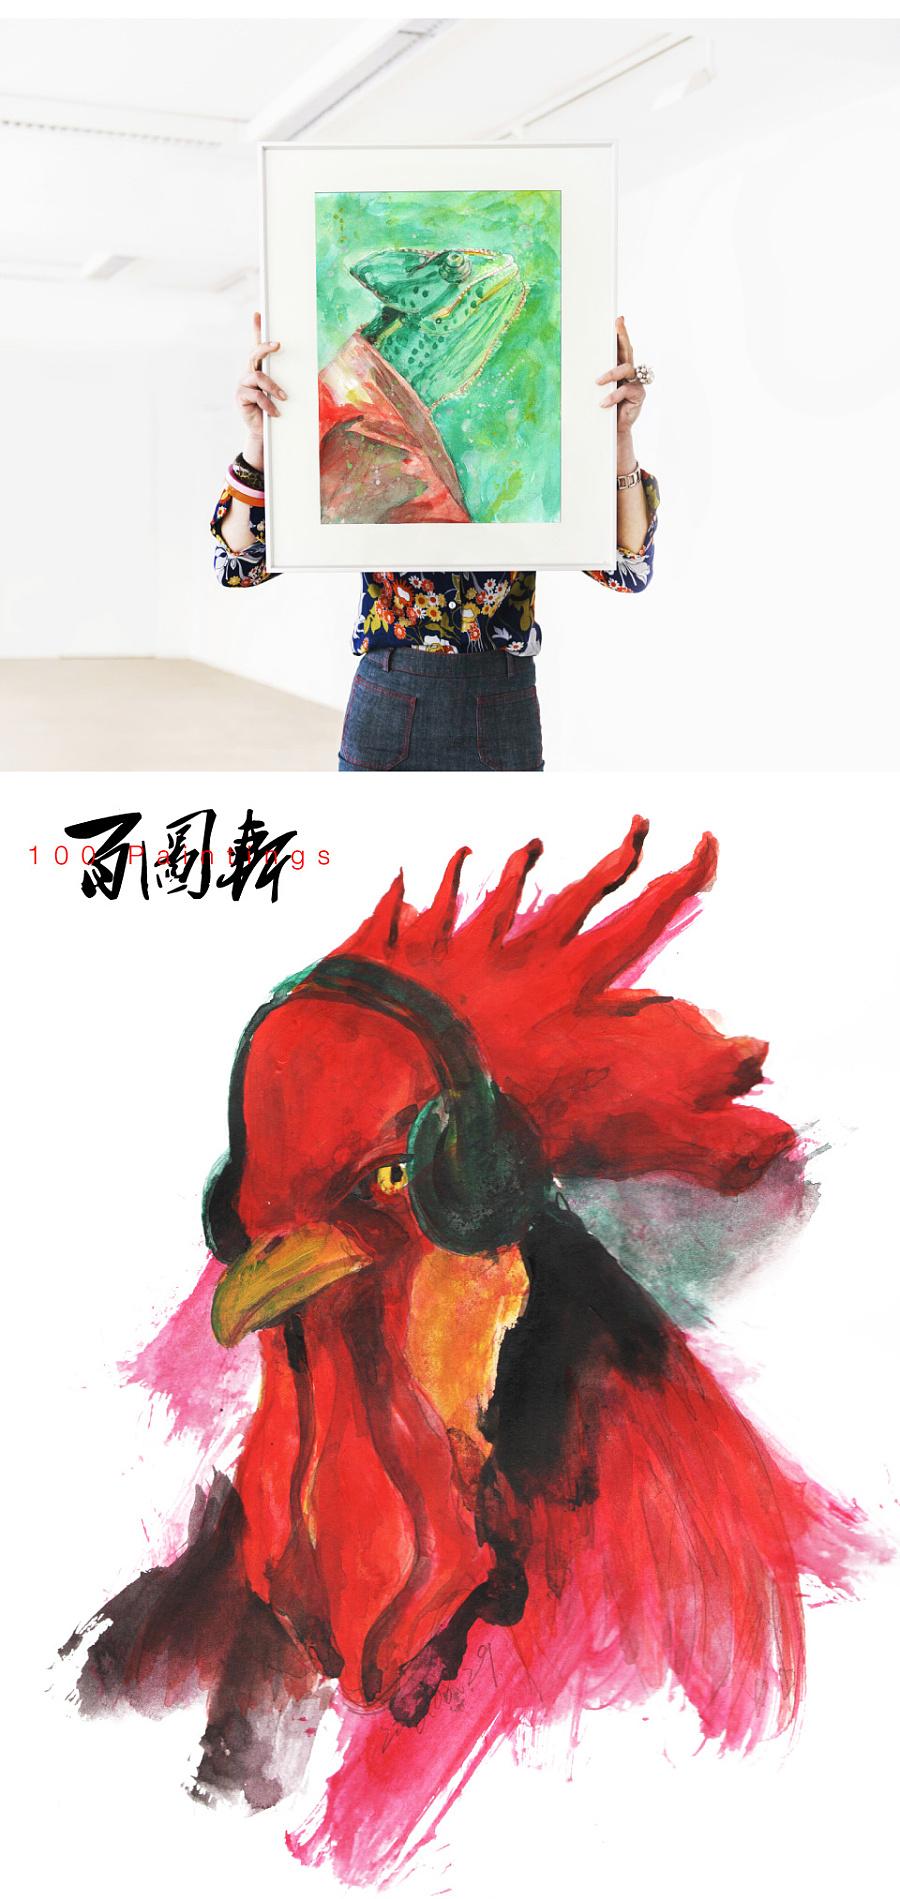 查看《百图斩|拟人化动物形象绘画》原图,原图尺寸:960x2026